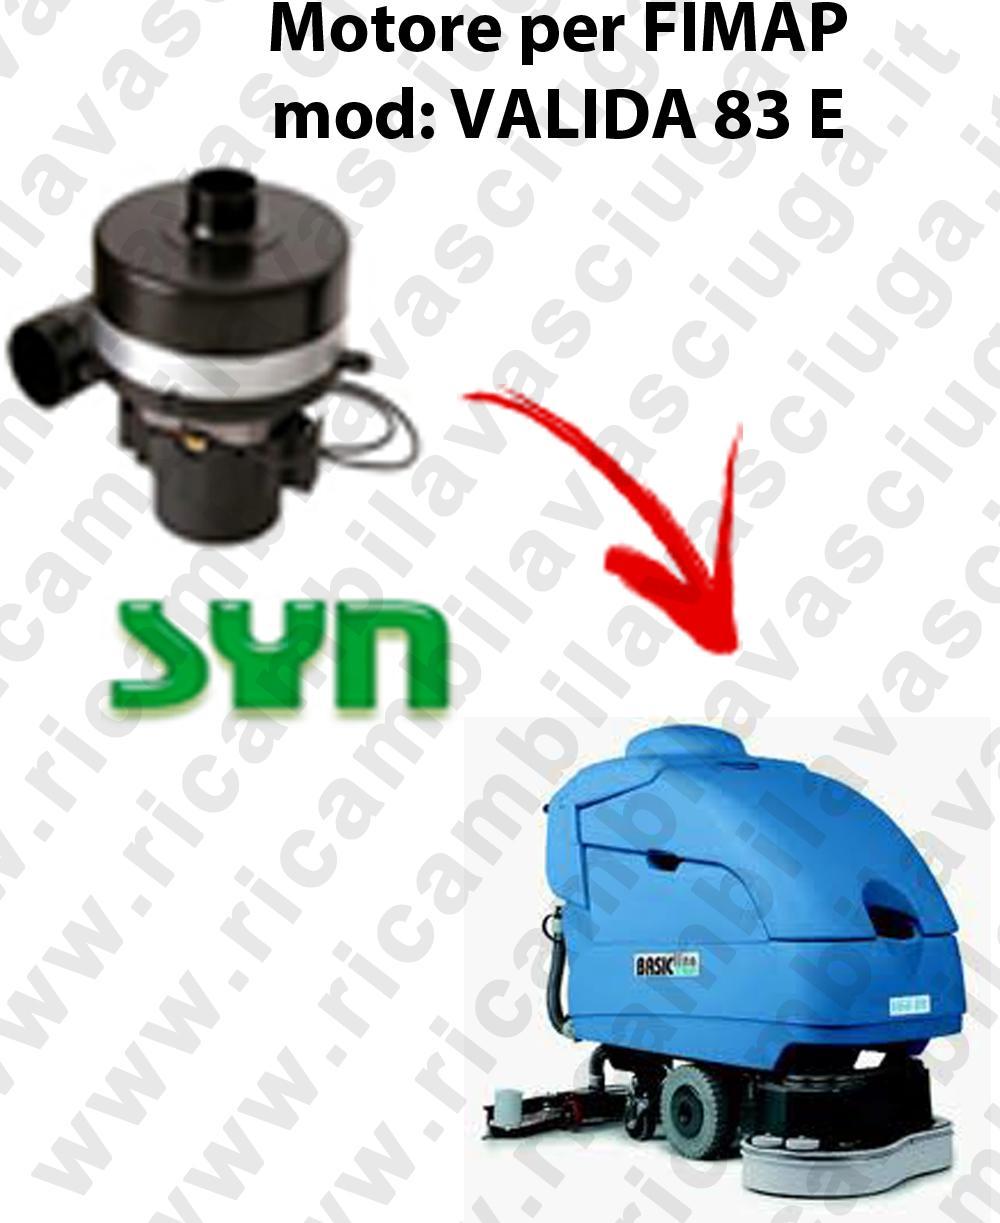 VALIDA 83 et MOTEUR SYN aspiration autolaveuses Fimap